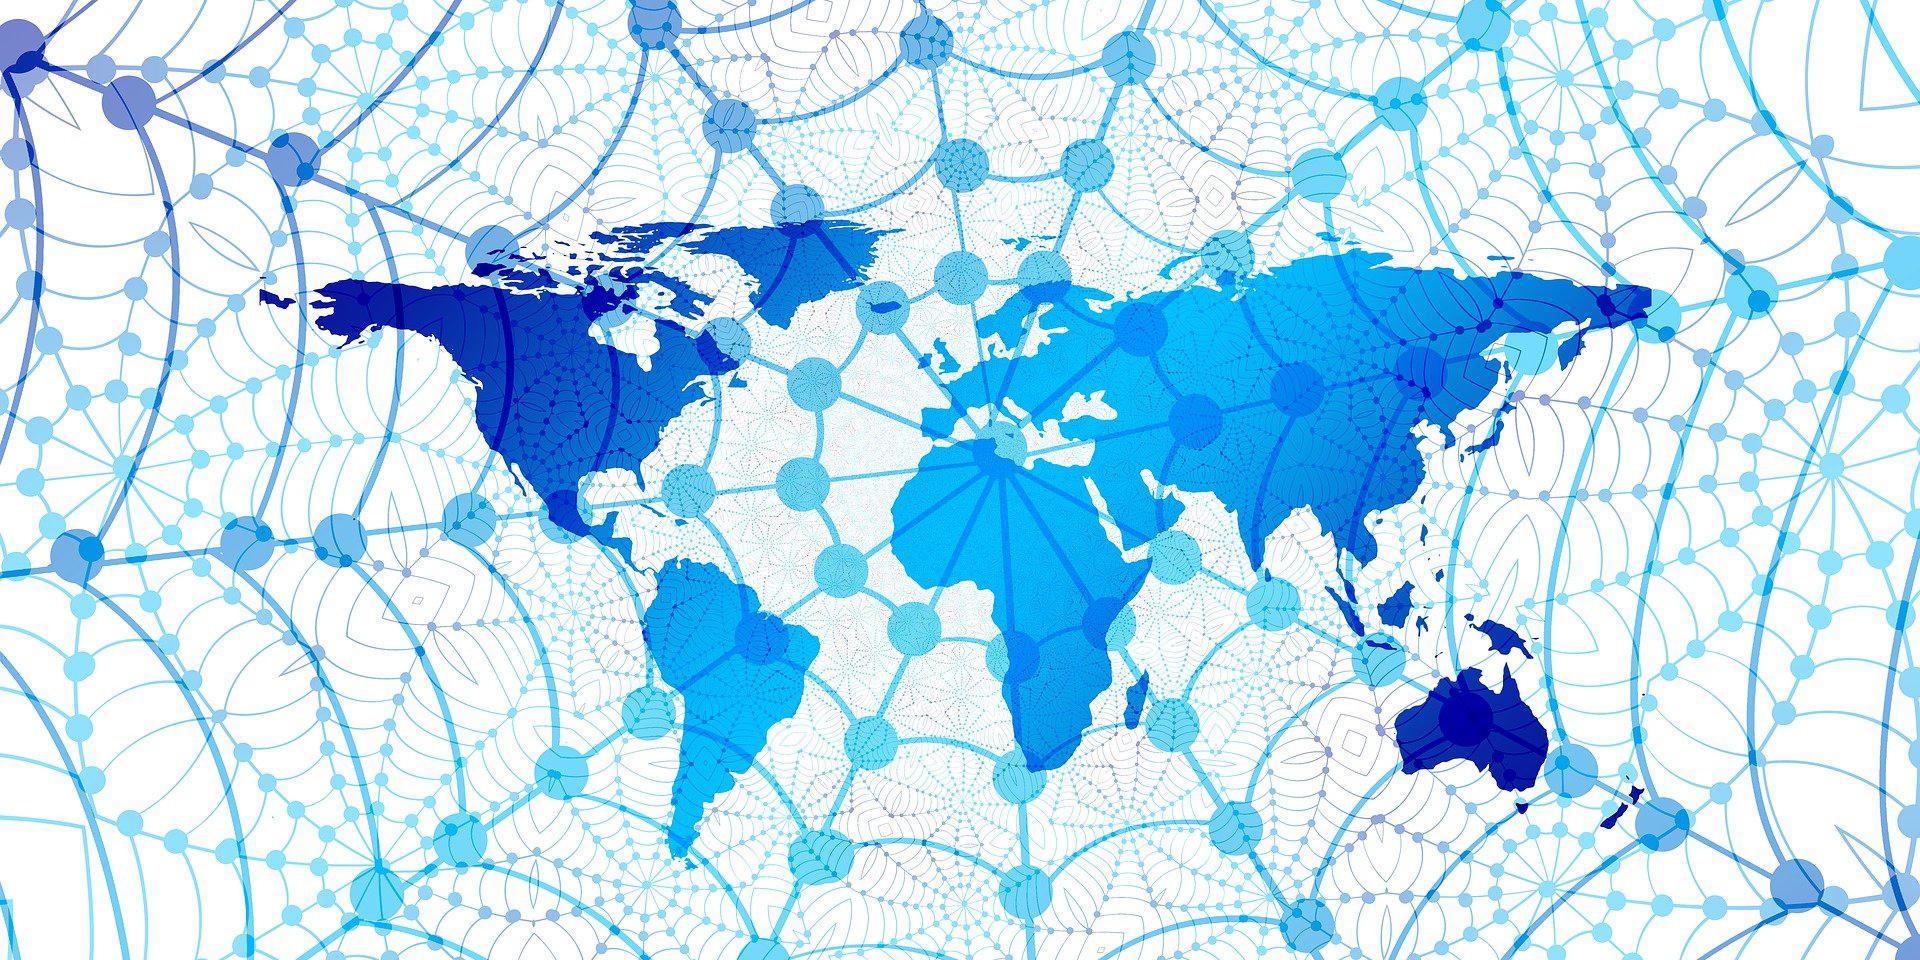 Weltkarte, von Netz überzogem